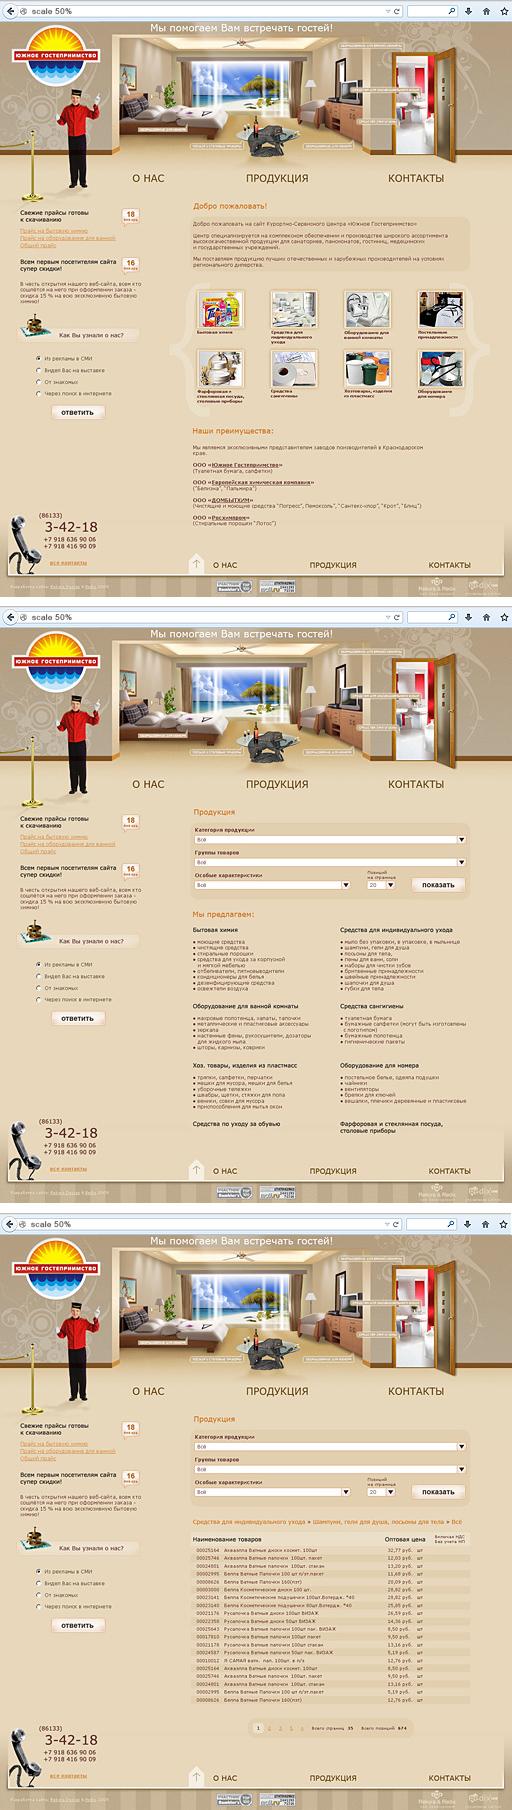 2009 - «Южное Гостеприимство» - курортно-сервисный центр